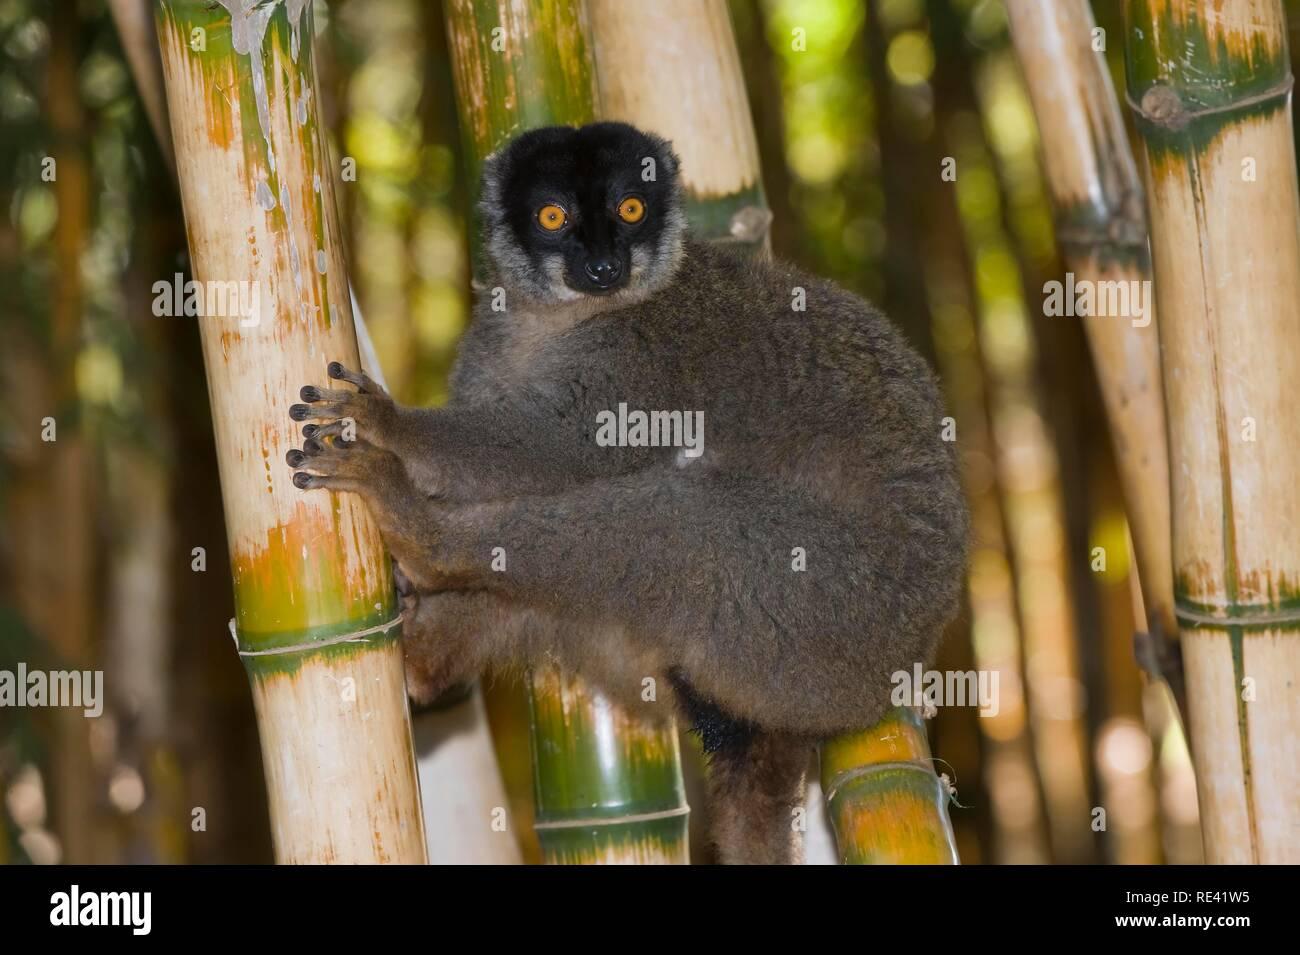 Common Brown Lemur (Eulemur fulvus), Near Threatened, IUCN 2008, Madagascar, Africa - Stock Image